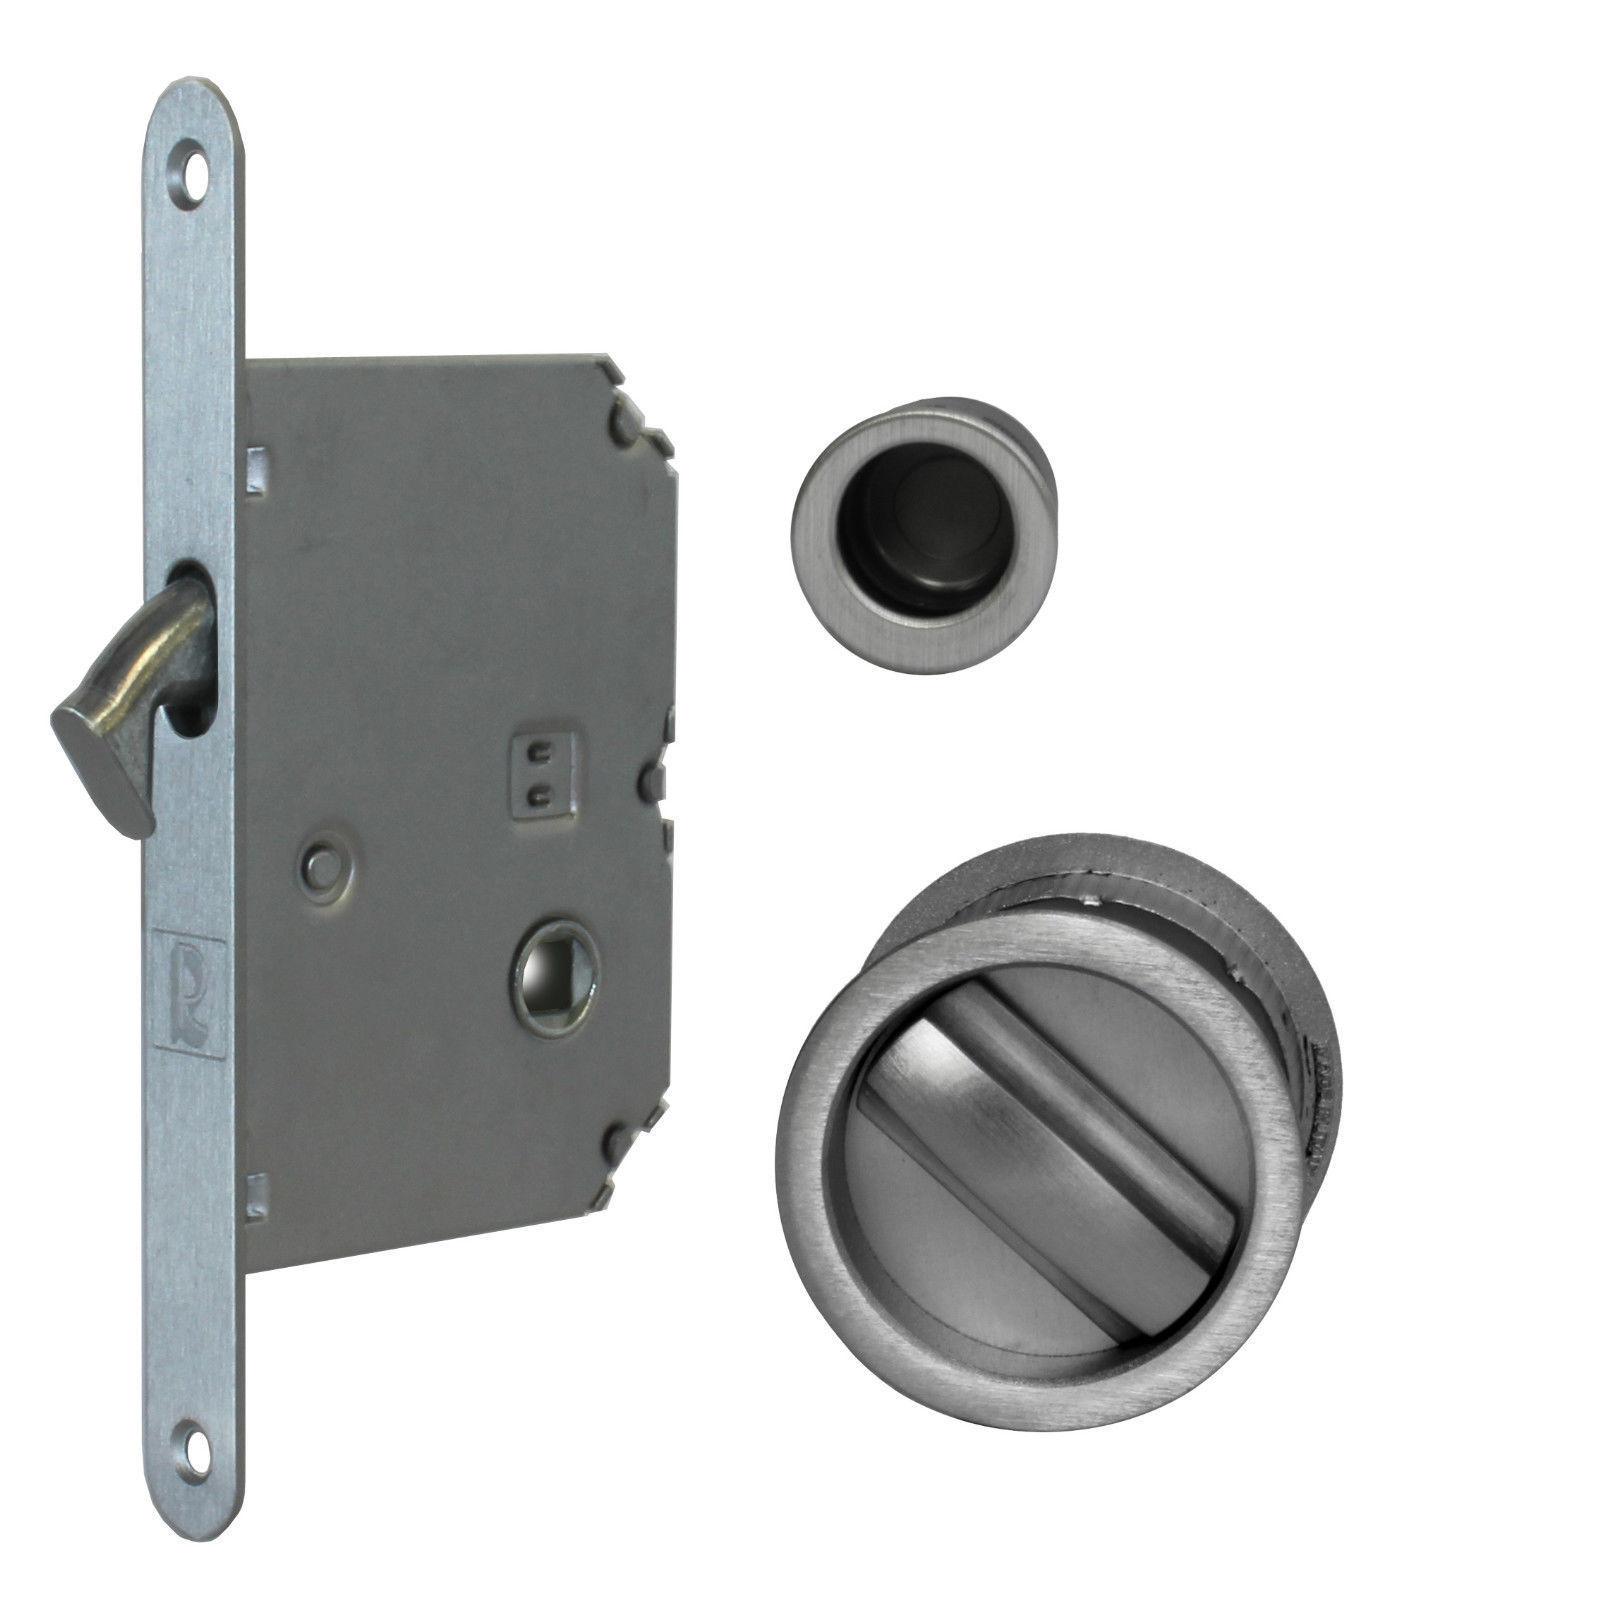 Jv825 Sliding Pocket Door Bathroom Lock Set C W 2 Flush